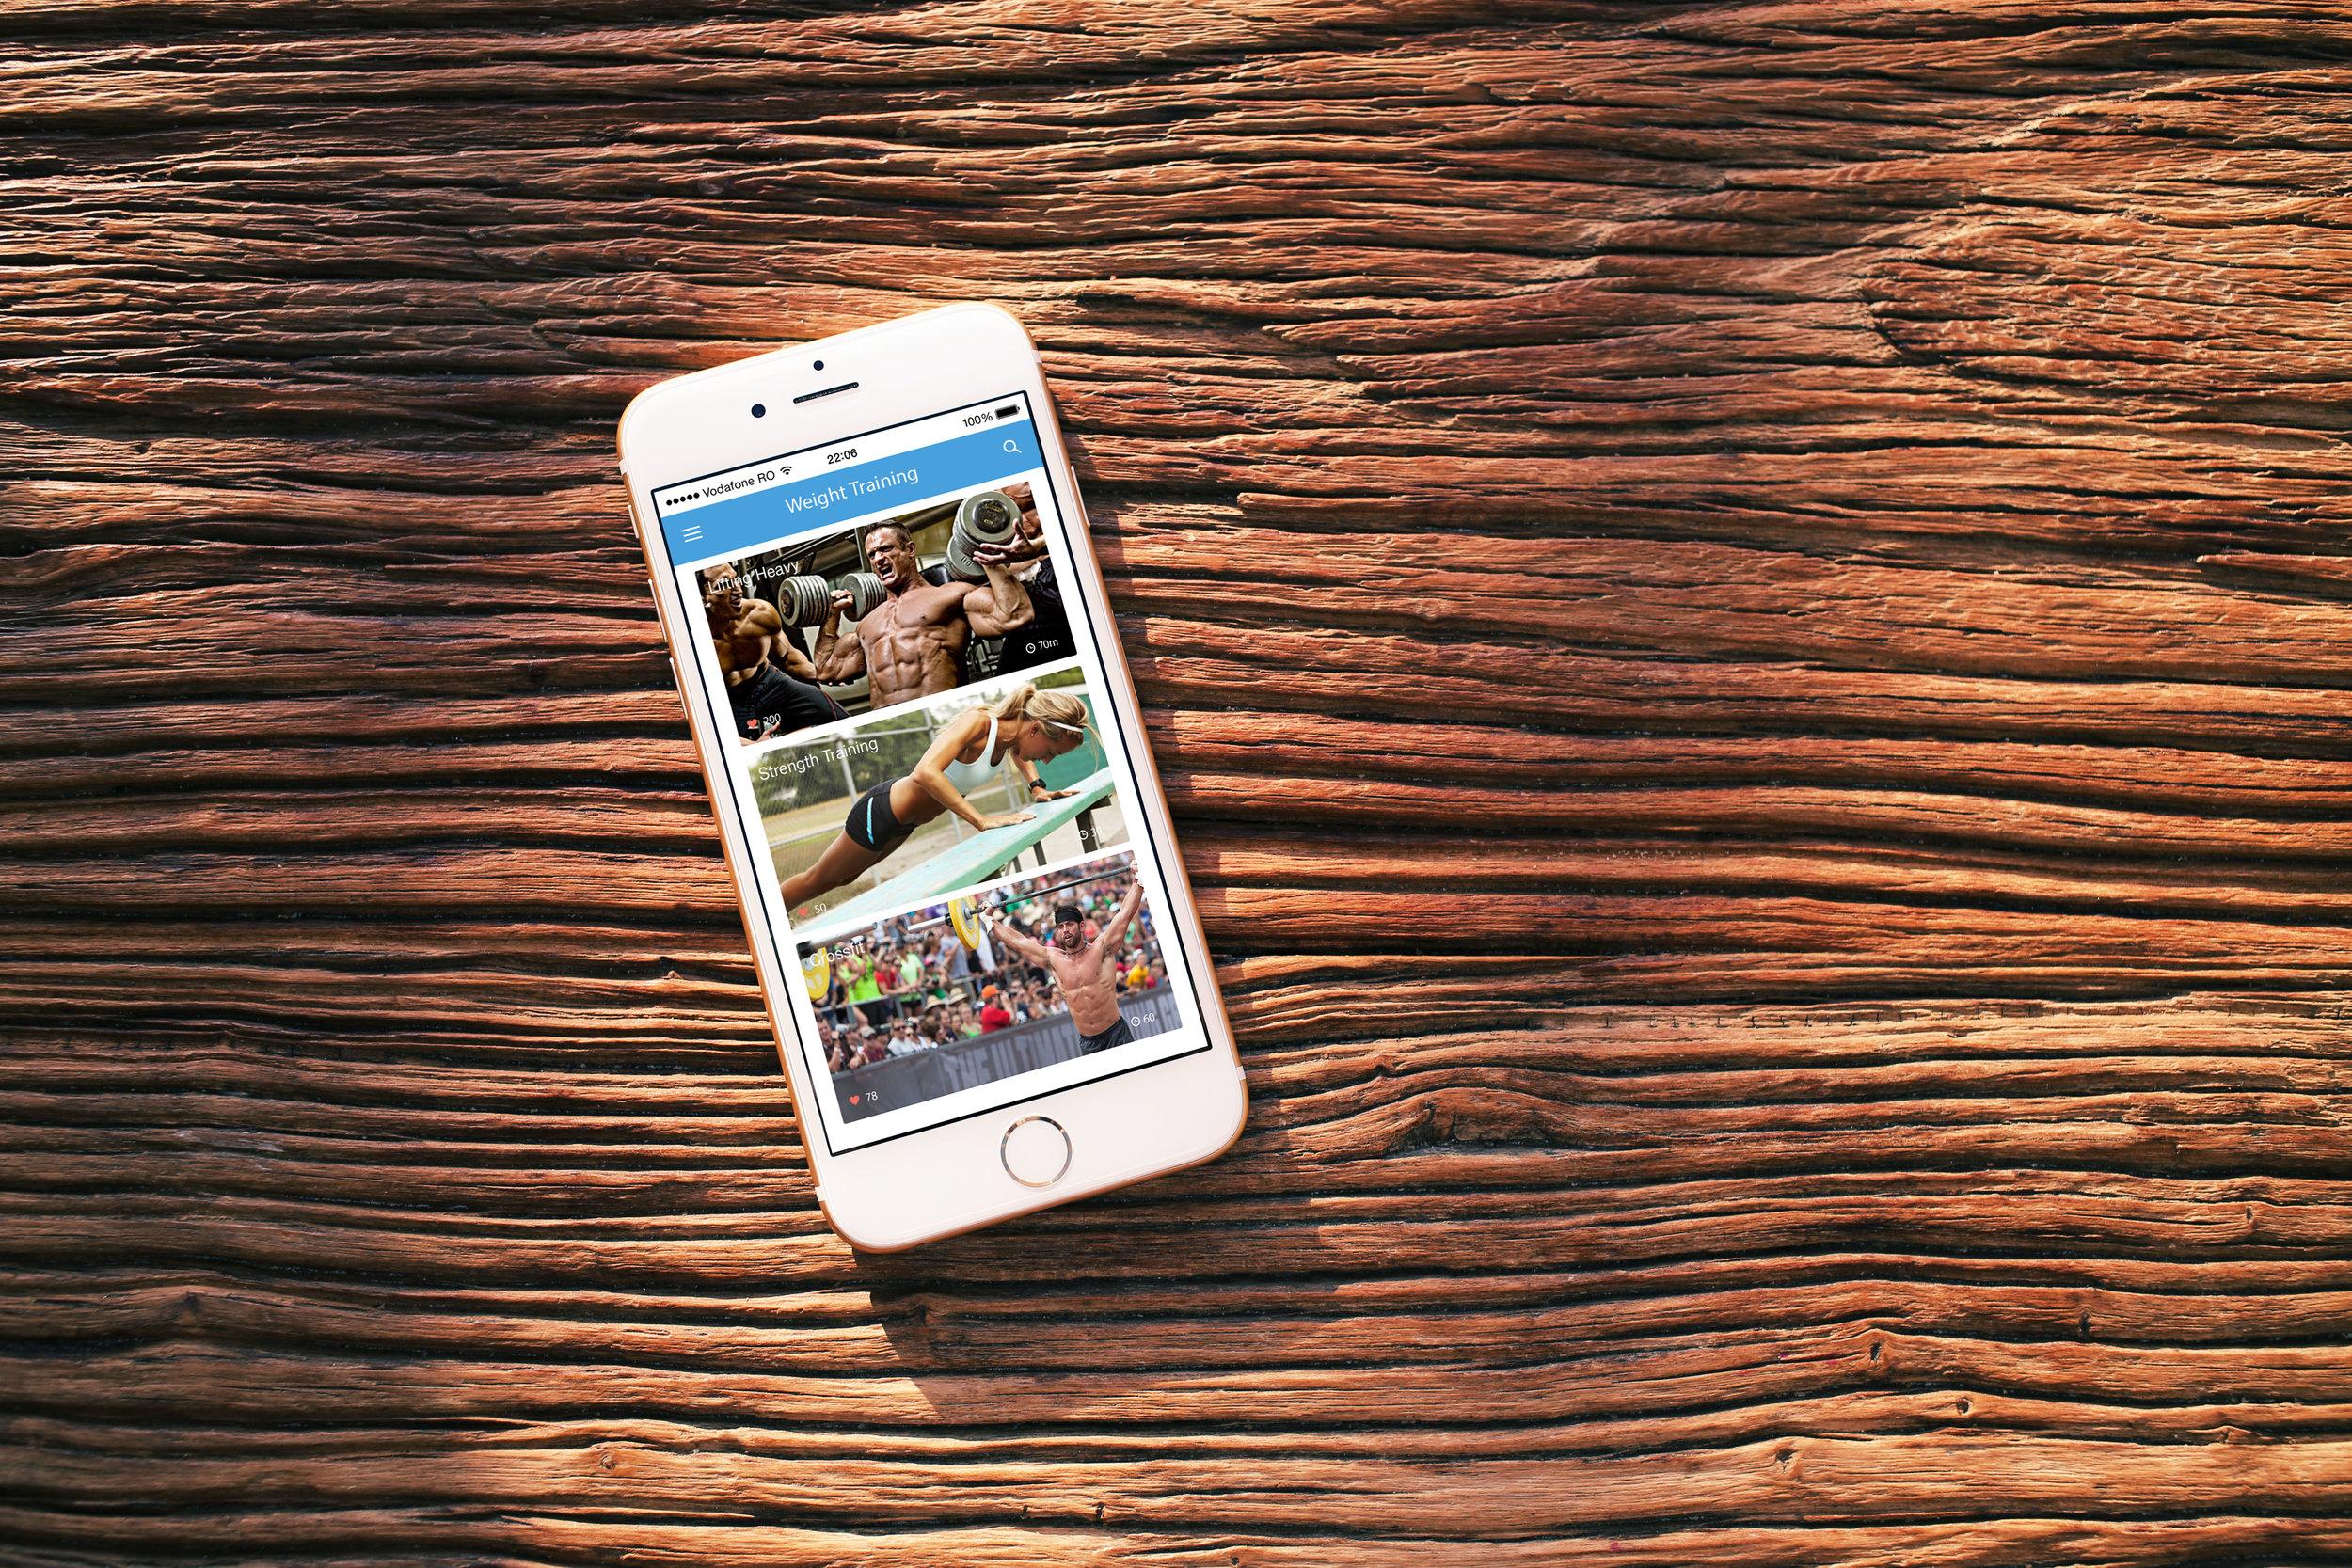 iPhone 6 Wood Top.jpg